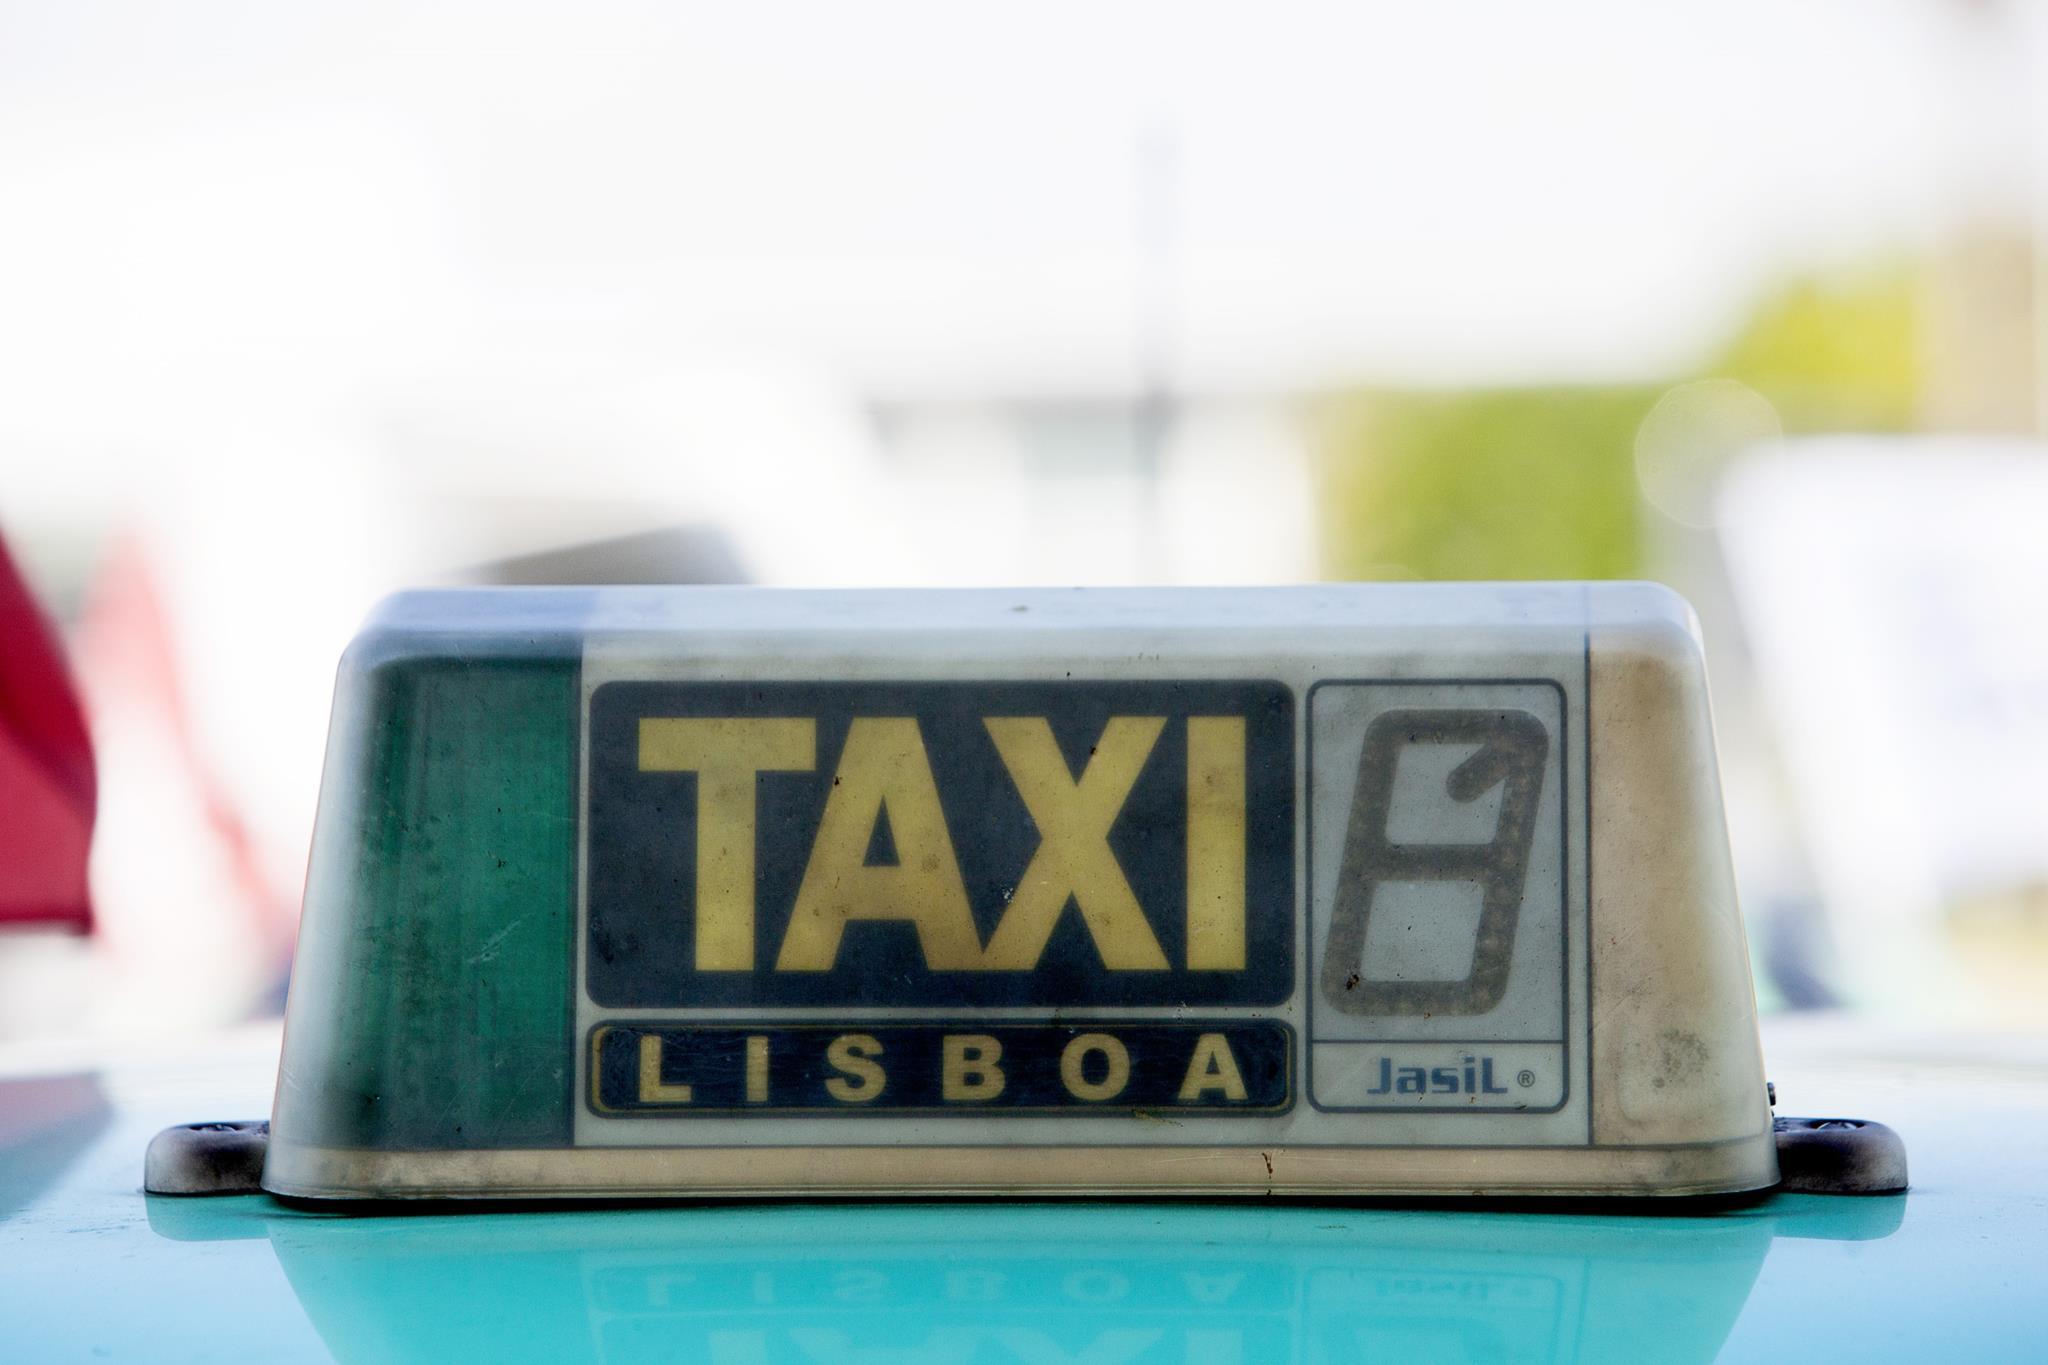 """PÚBLICO - <i>Podcast</i> Inimigo Público: """"Director da Uber demite-se para cumprir o sonho de ser taxista em Lisboa"""""""